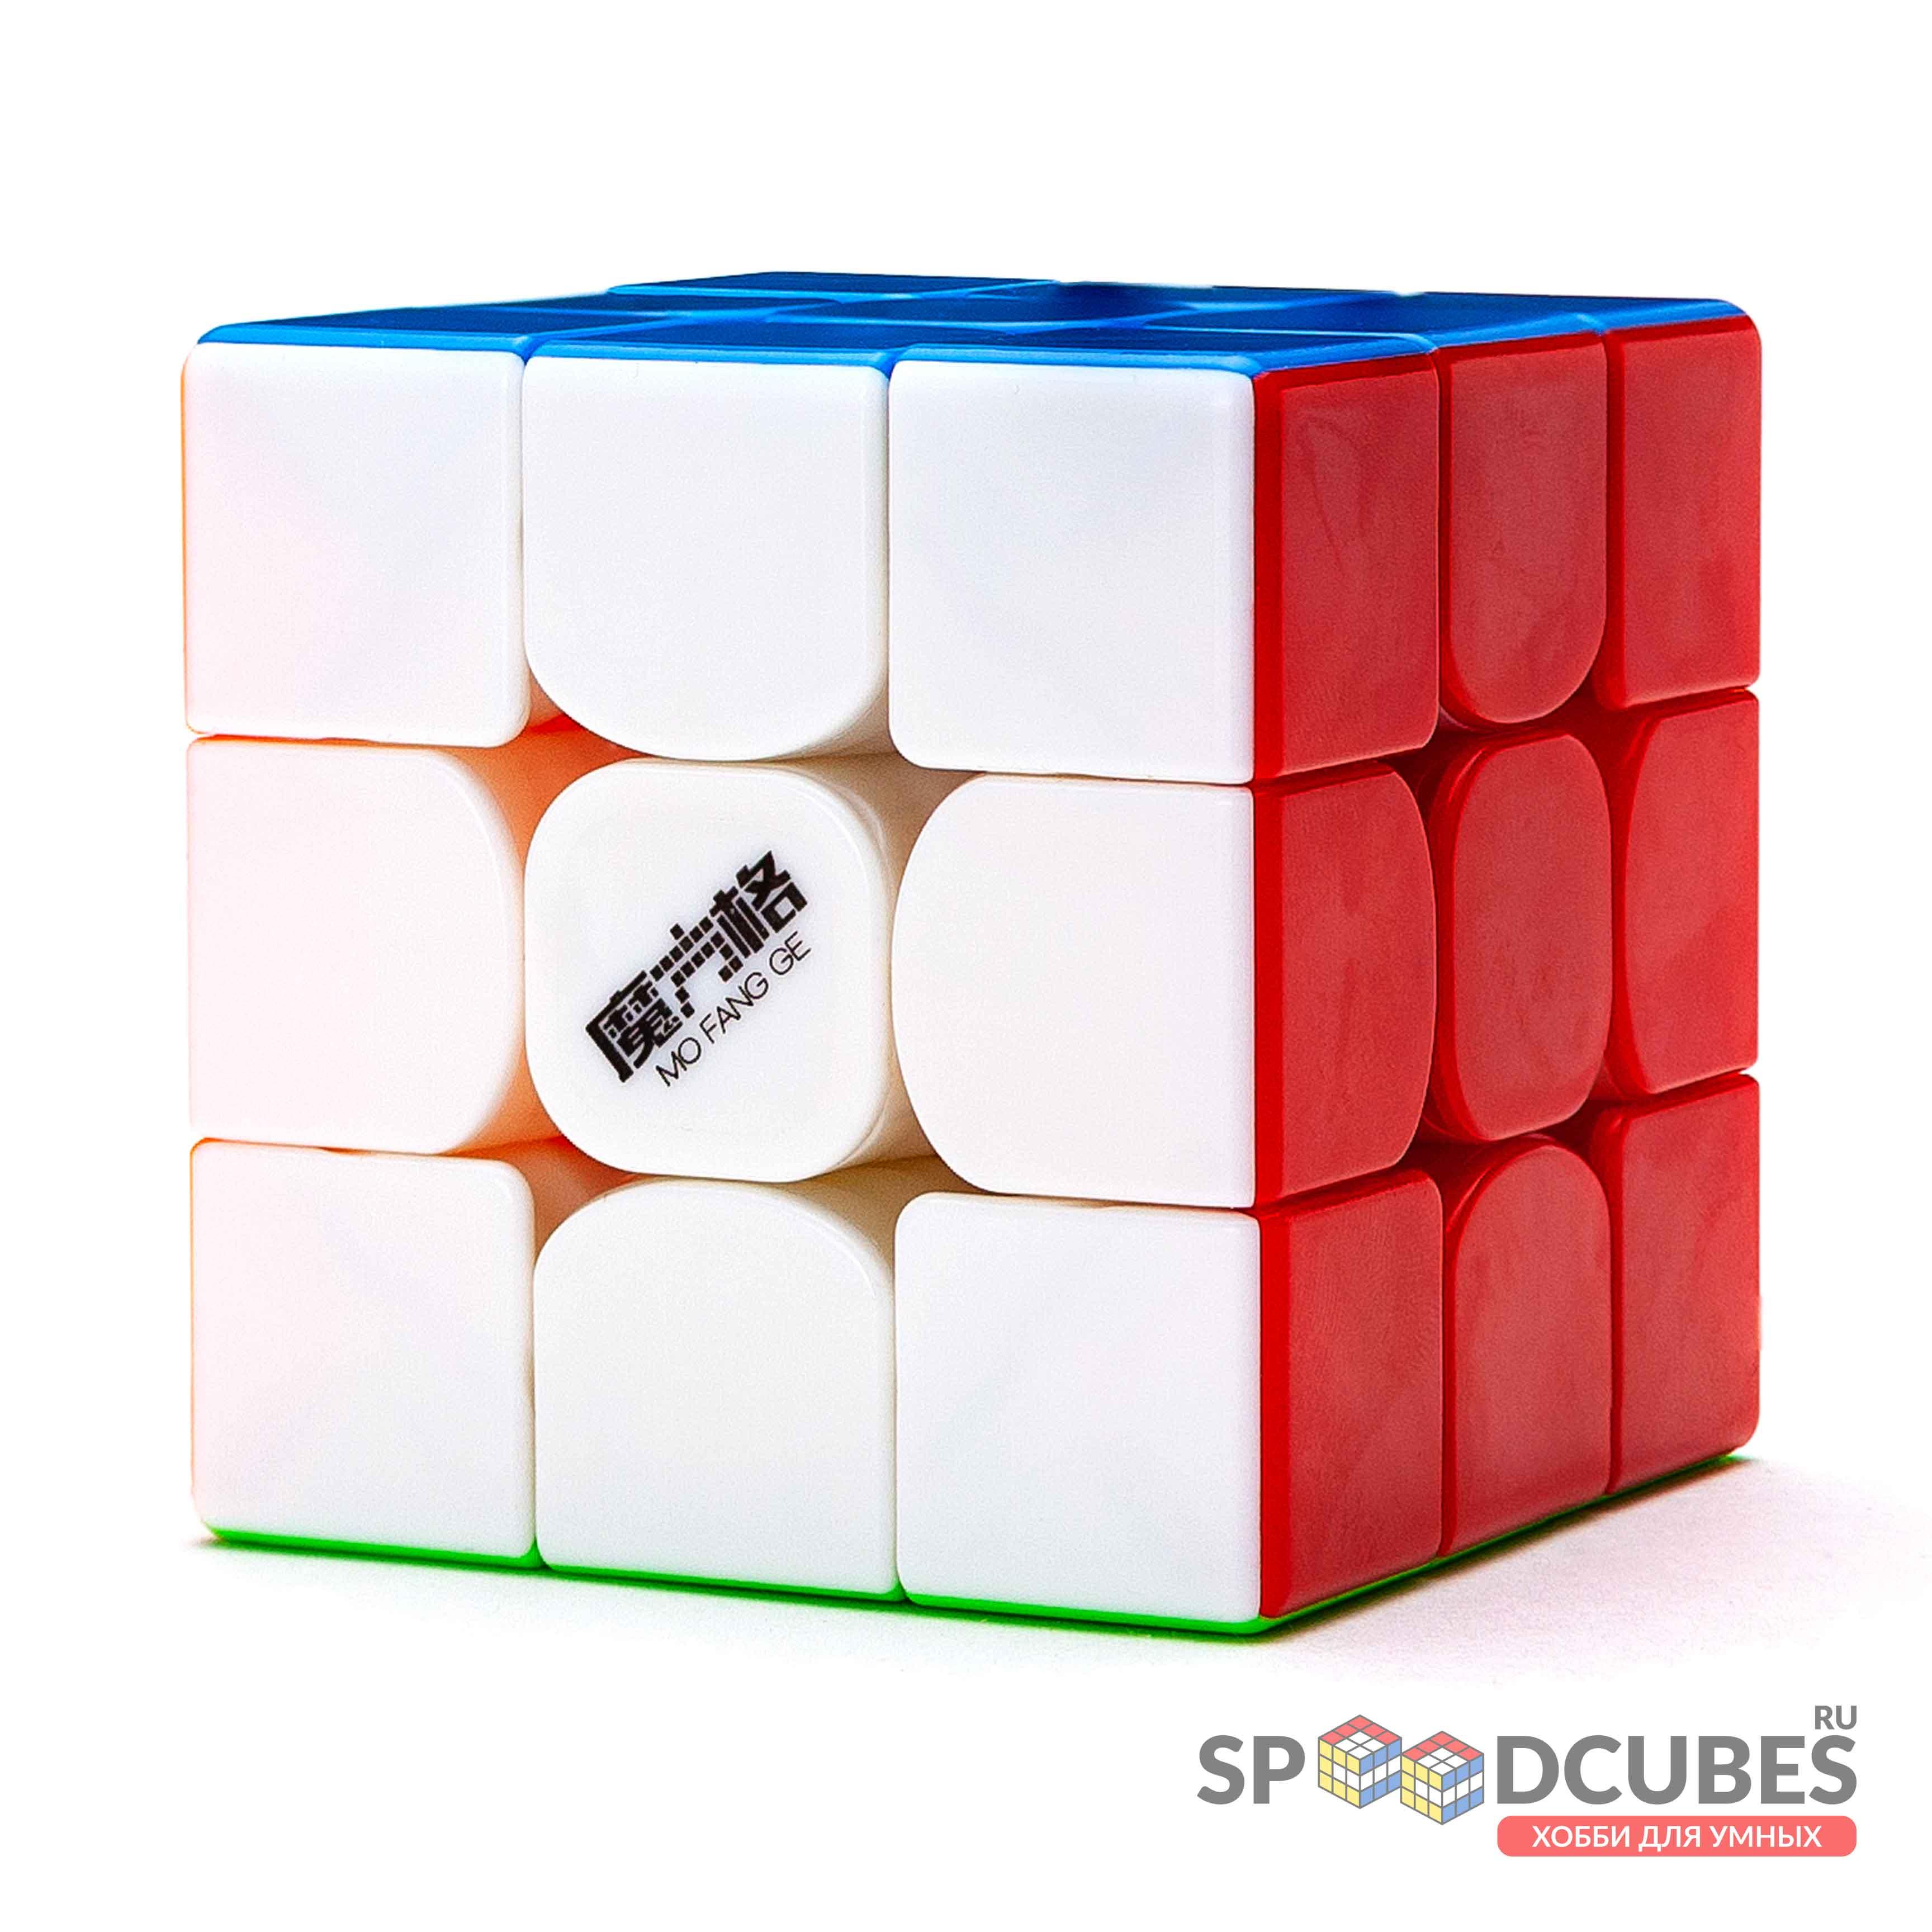 QiYi (MoFangGe) 3x3x3 Thunderclap V3